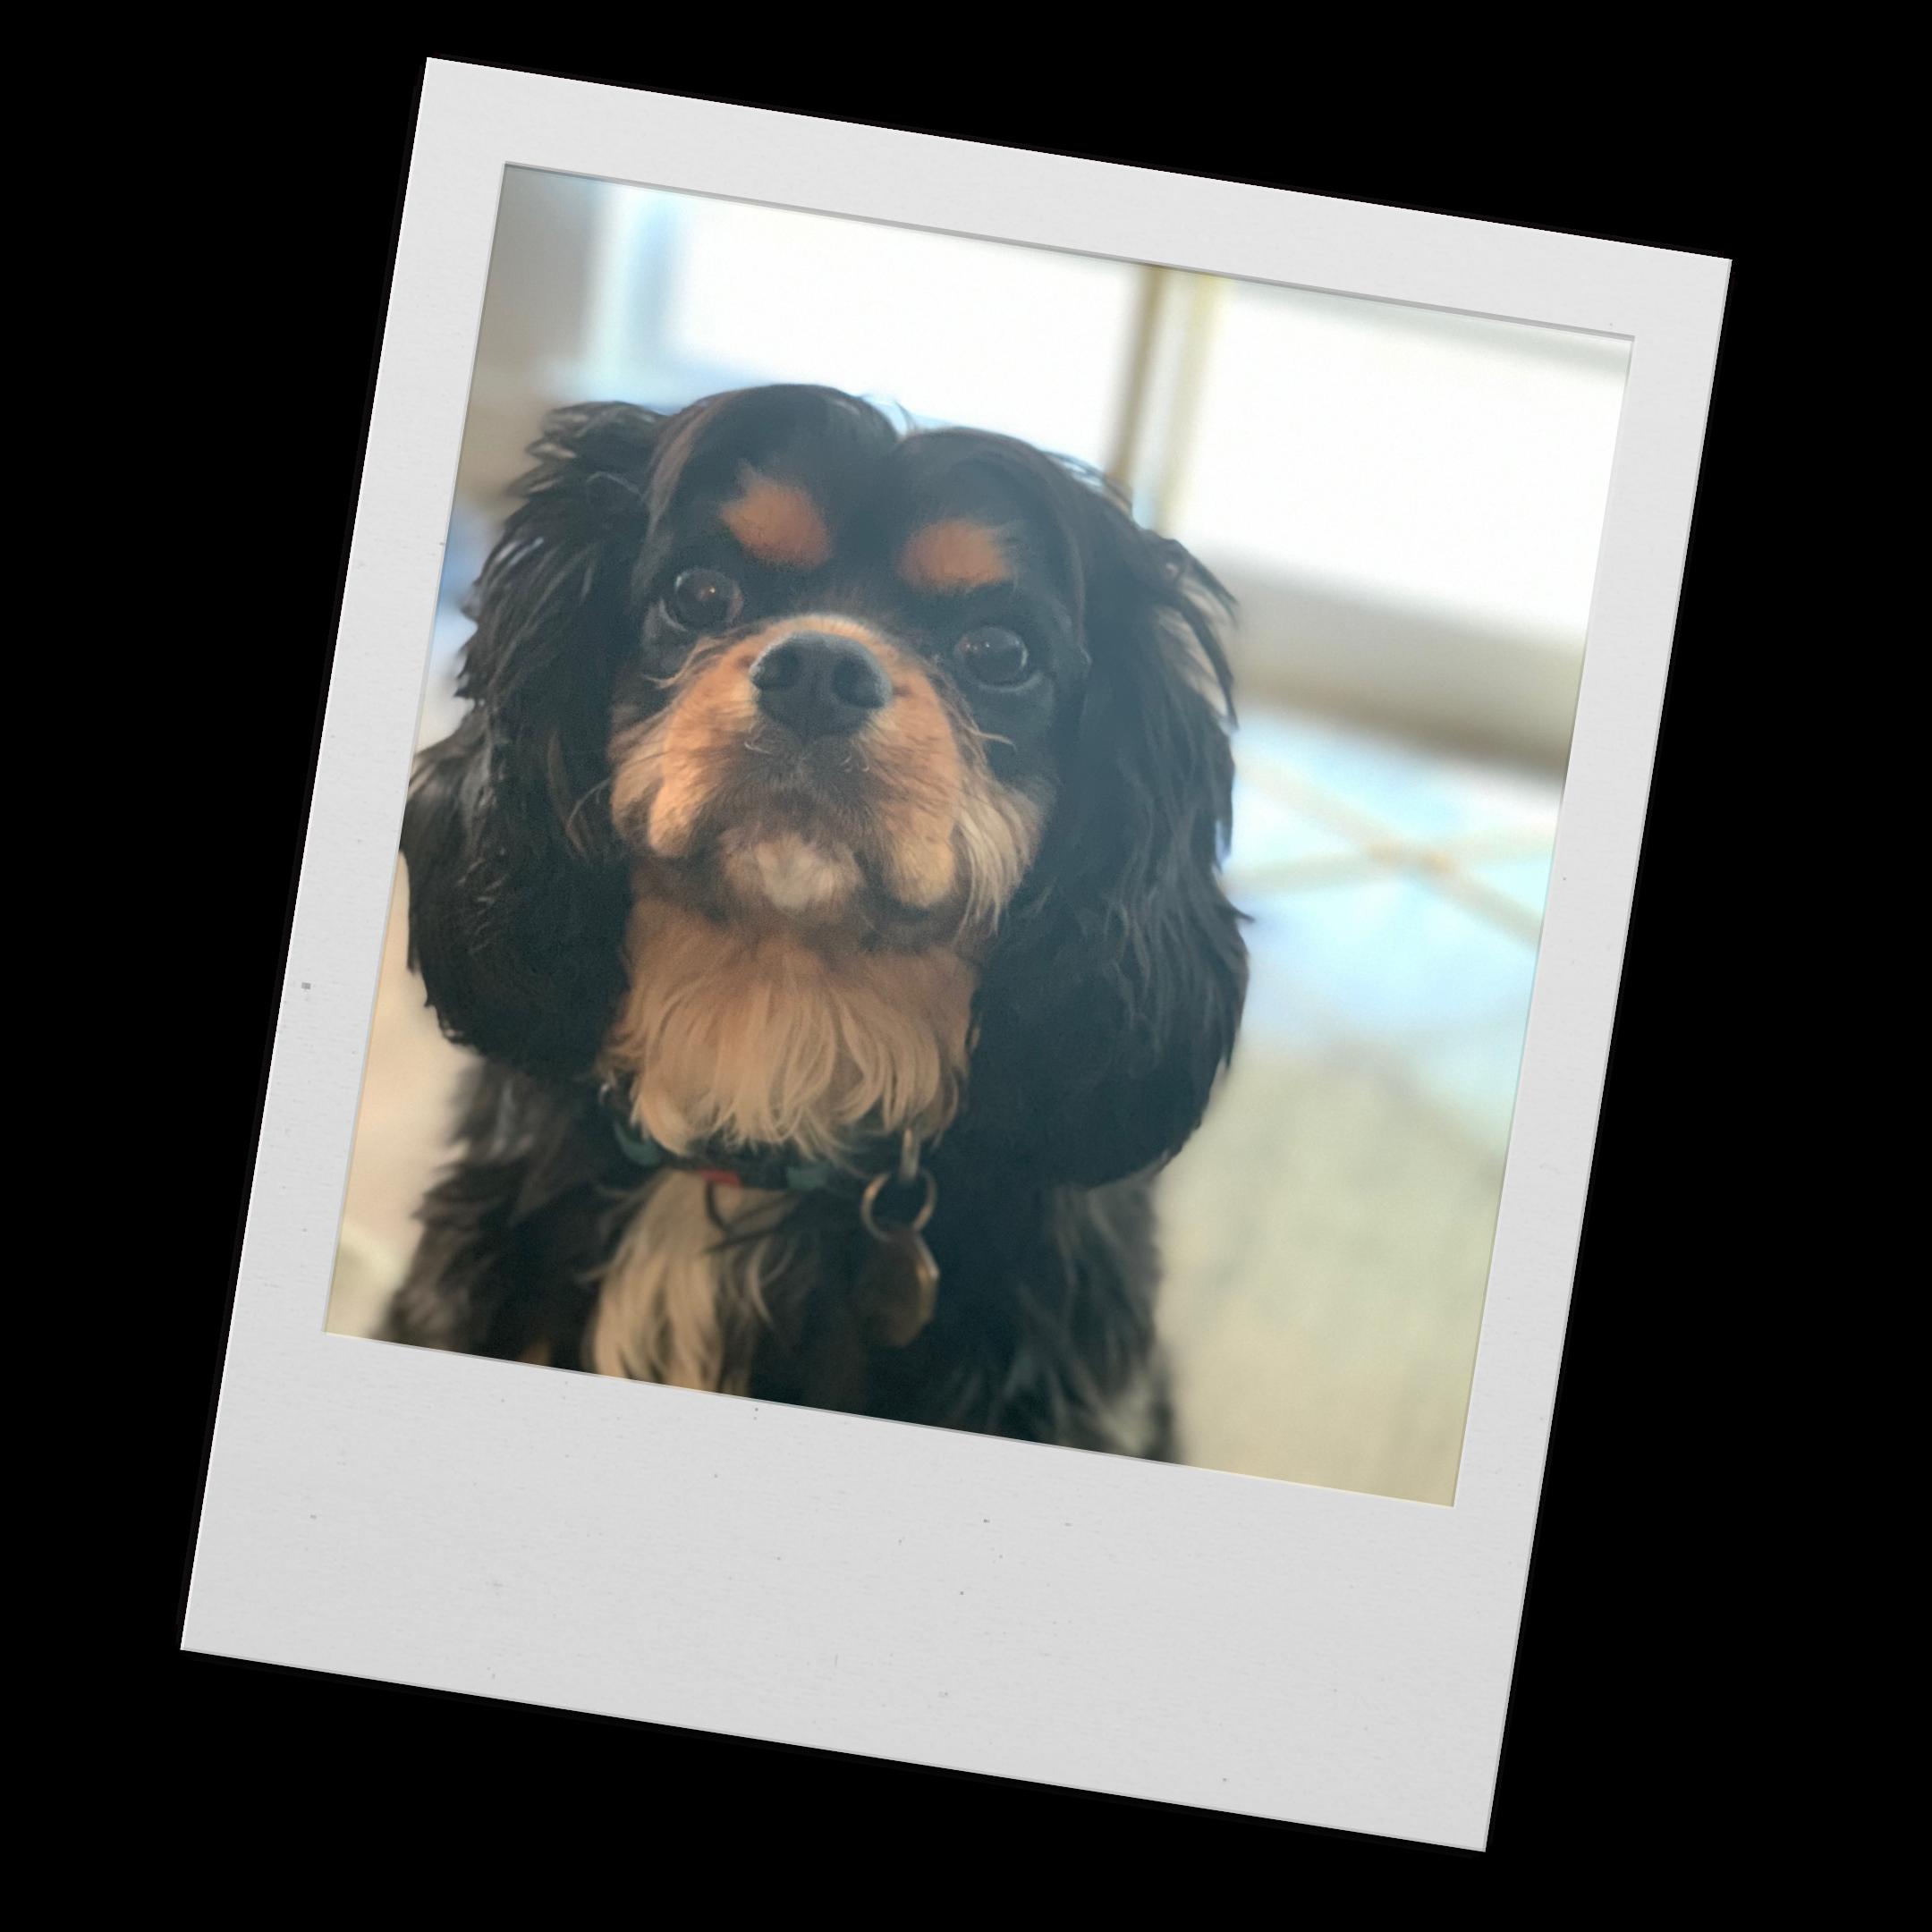 My dog, Louie's face